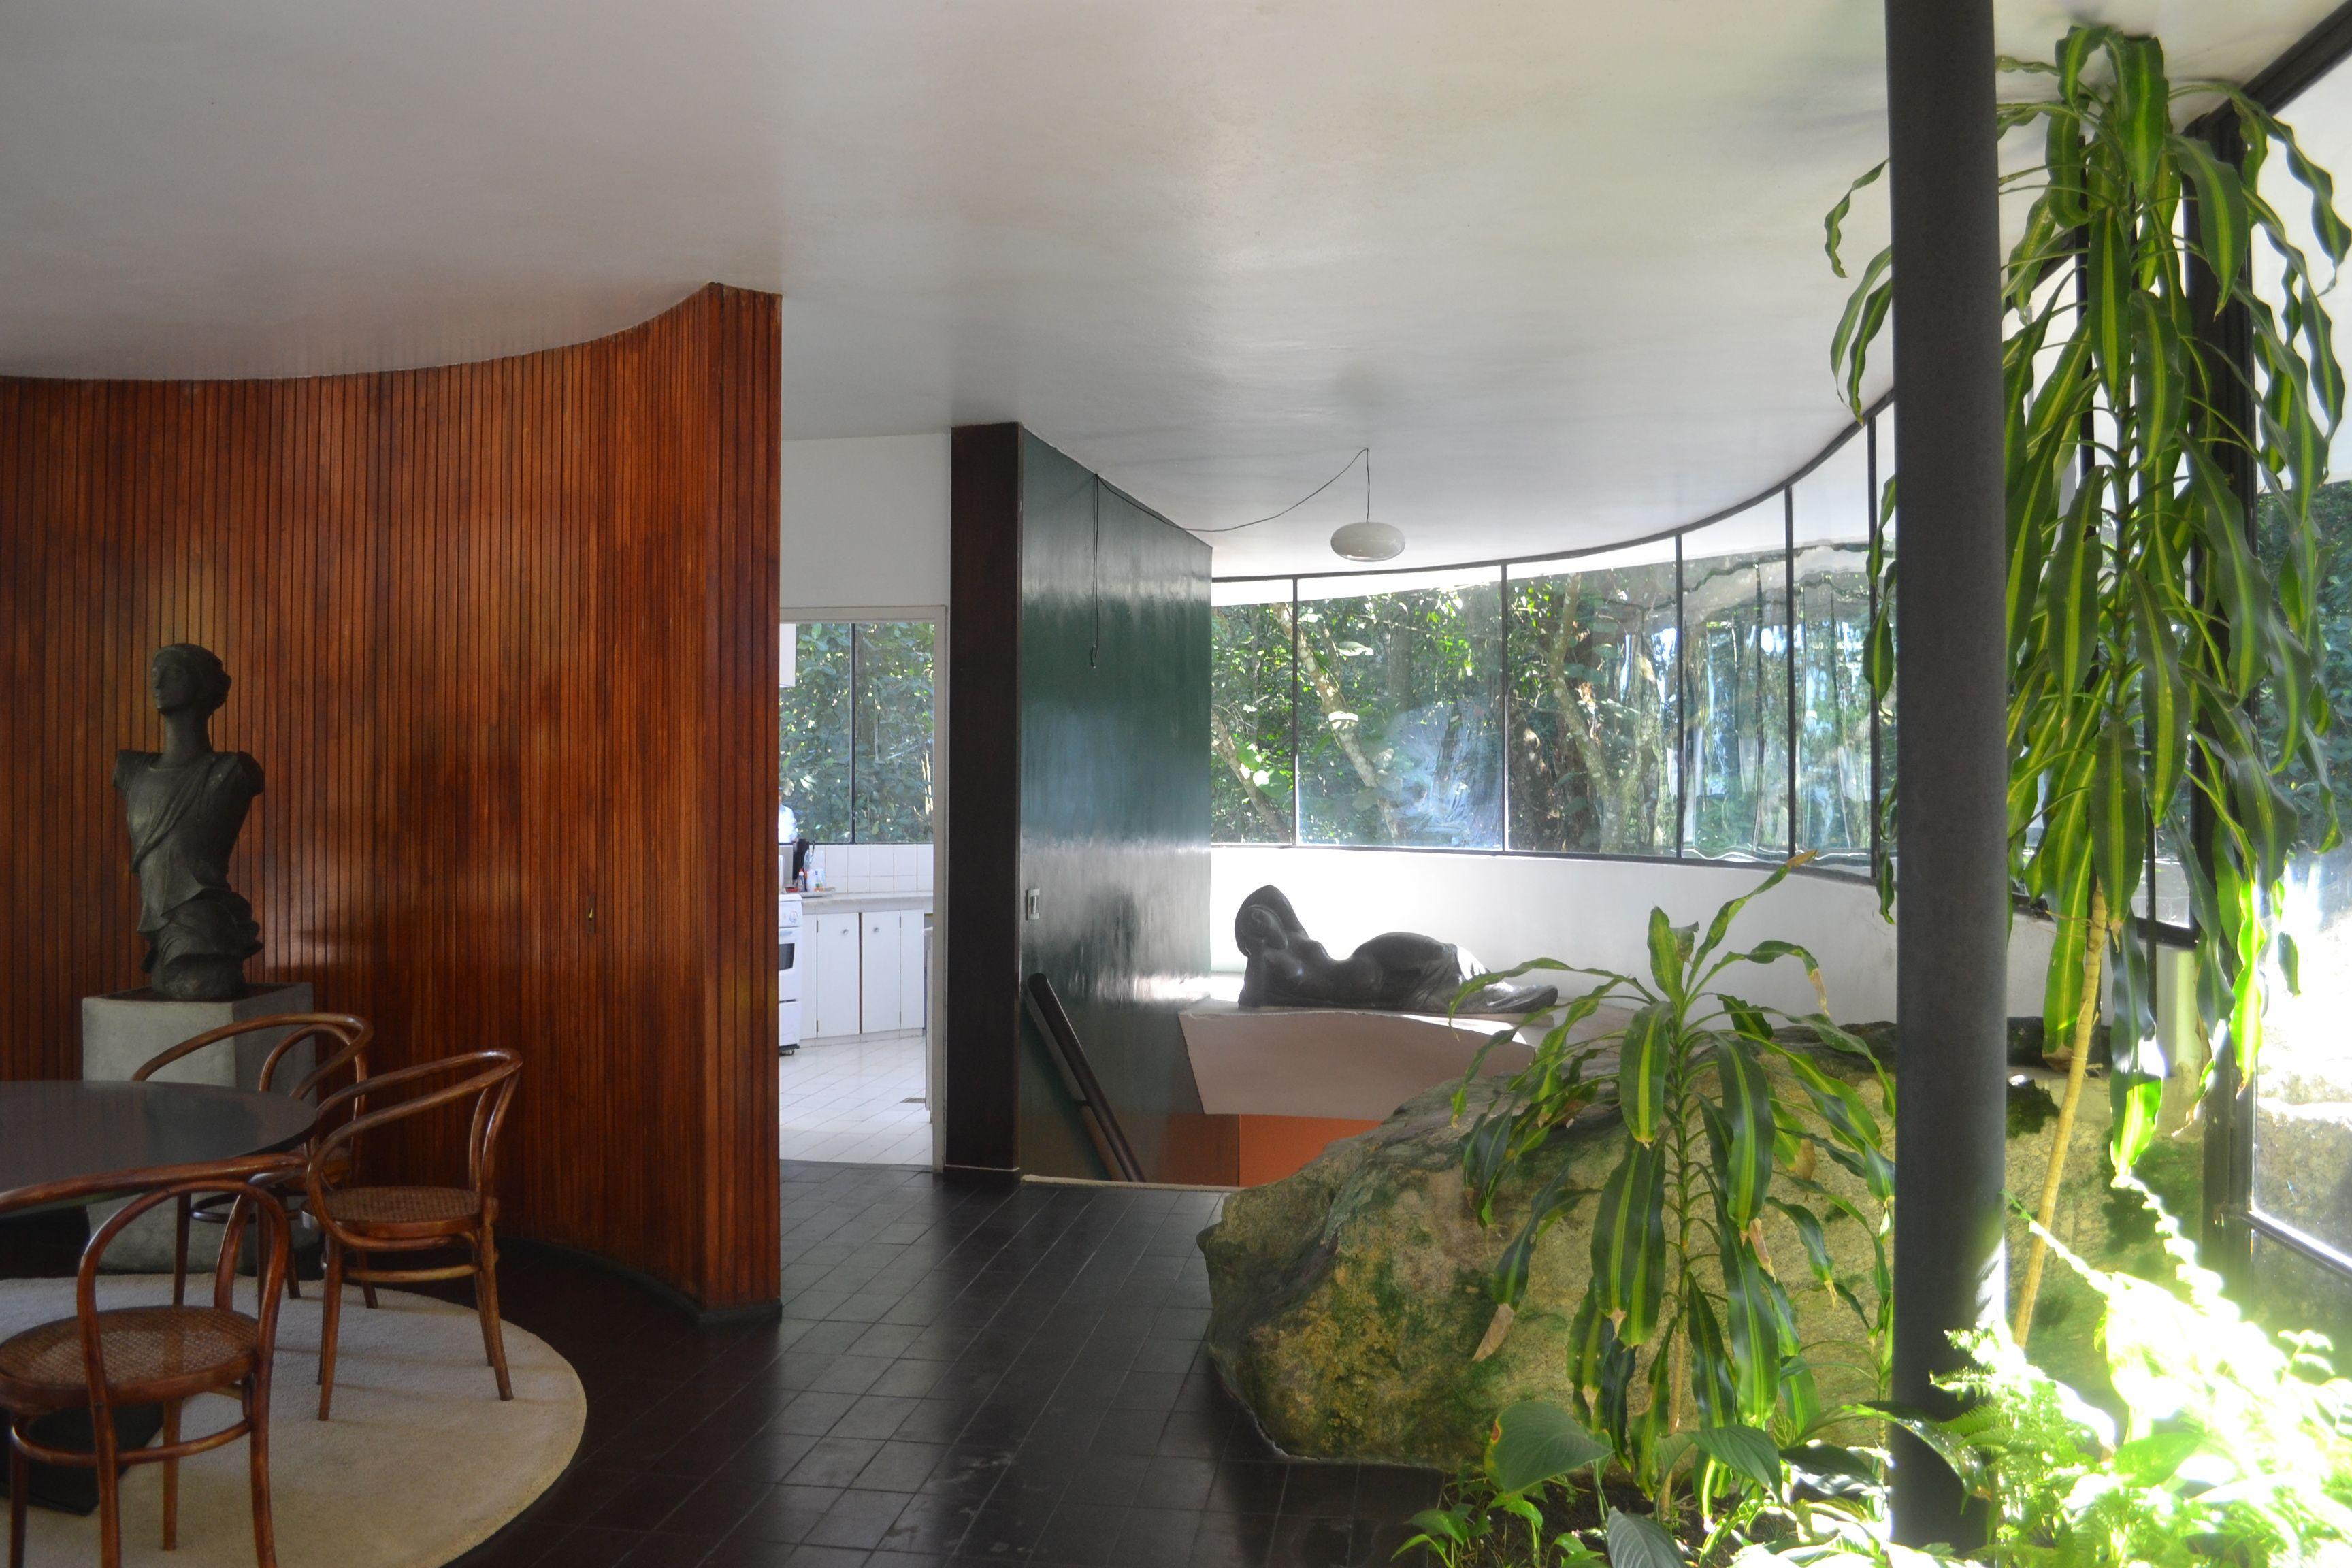 Galeria de cl ssicos da arquitetura casa das canoas for Casa moderna restaurante salta